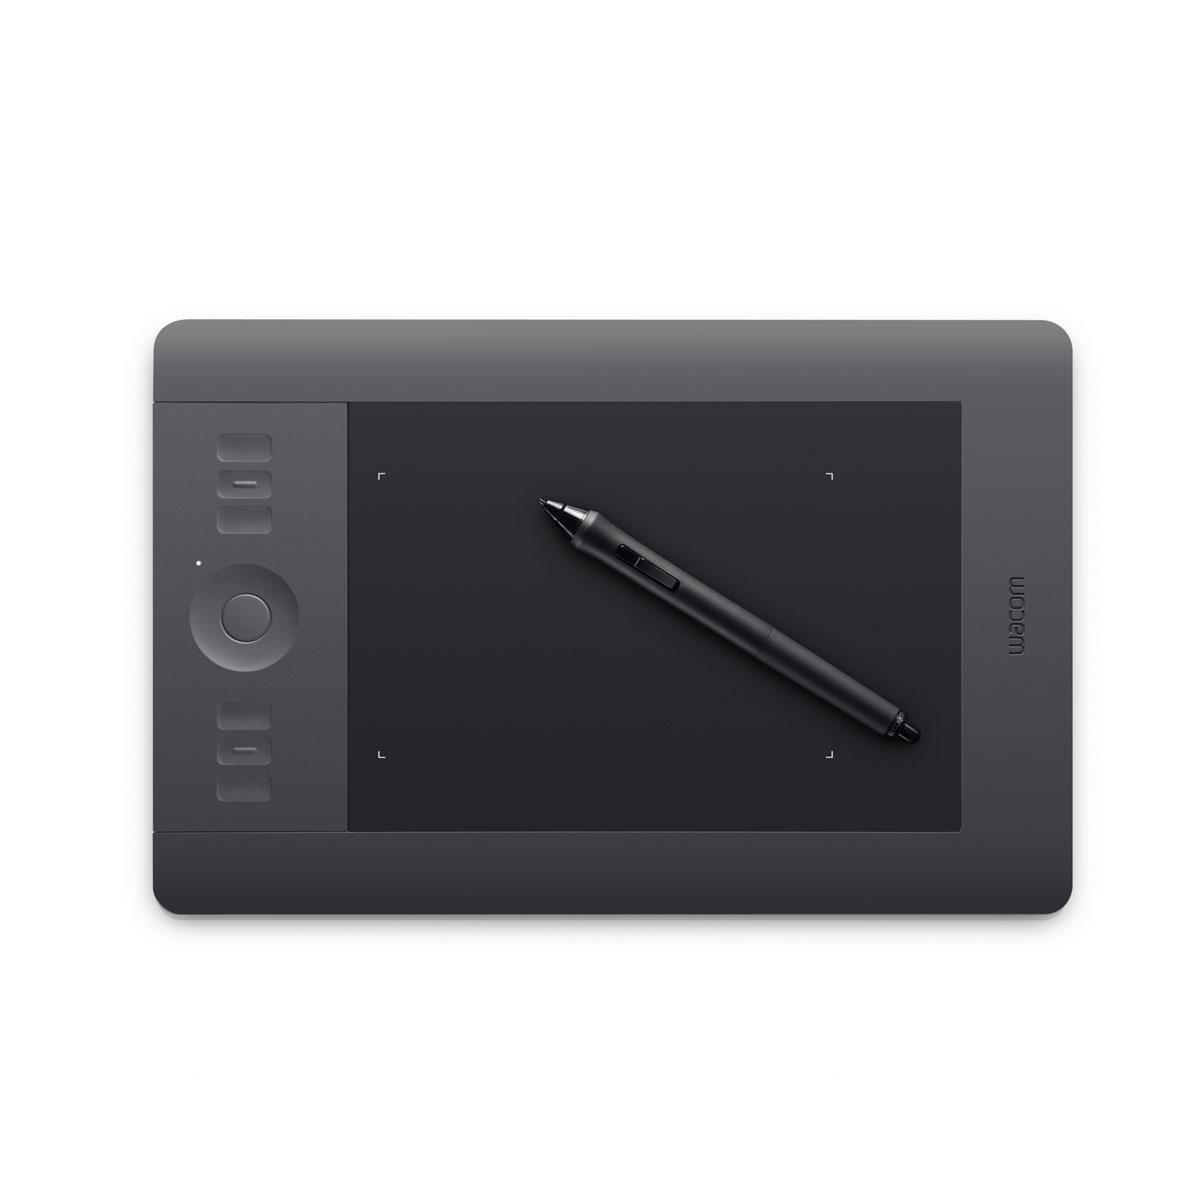 wacom intuos 5 touch s tablette graphique wacom sur. Black Bedroom Furniture Sets. Home Design Ideas